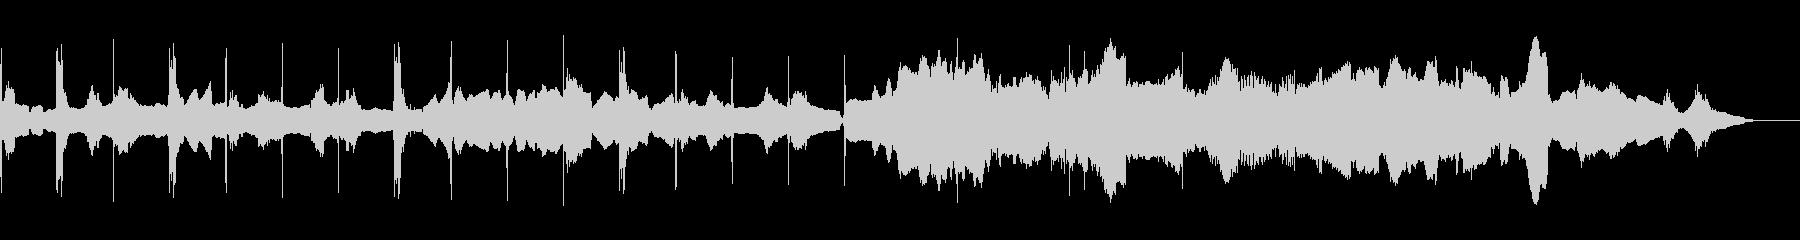 オーボエによる民謡風のループの未再生の波形